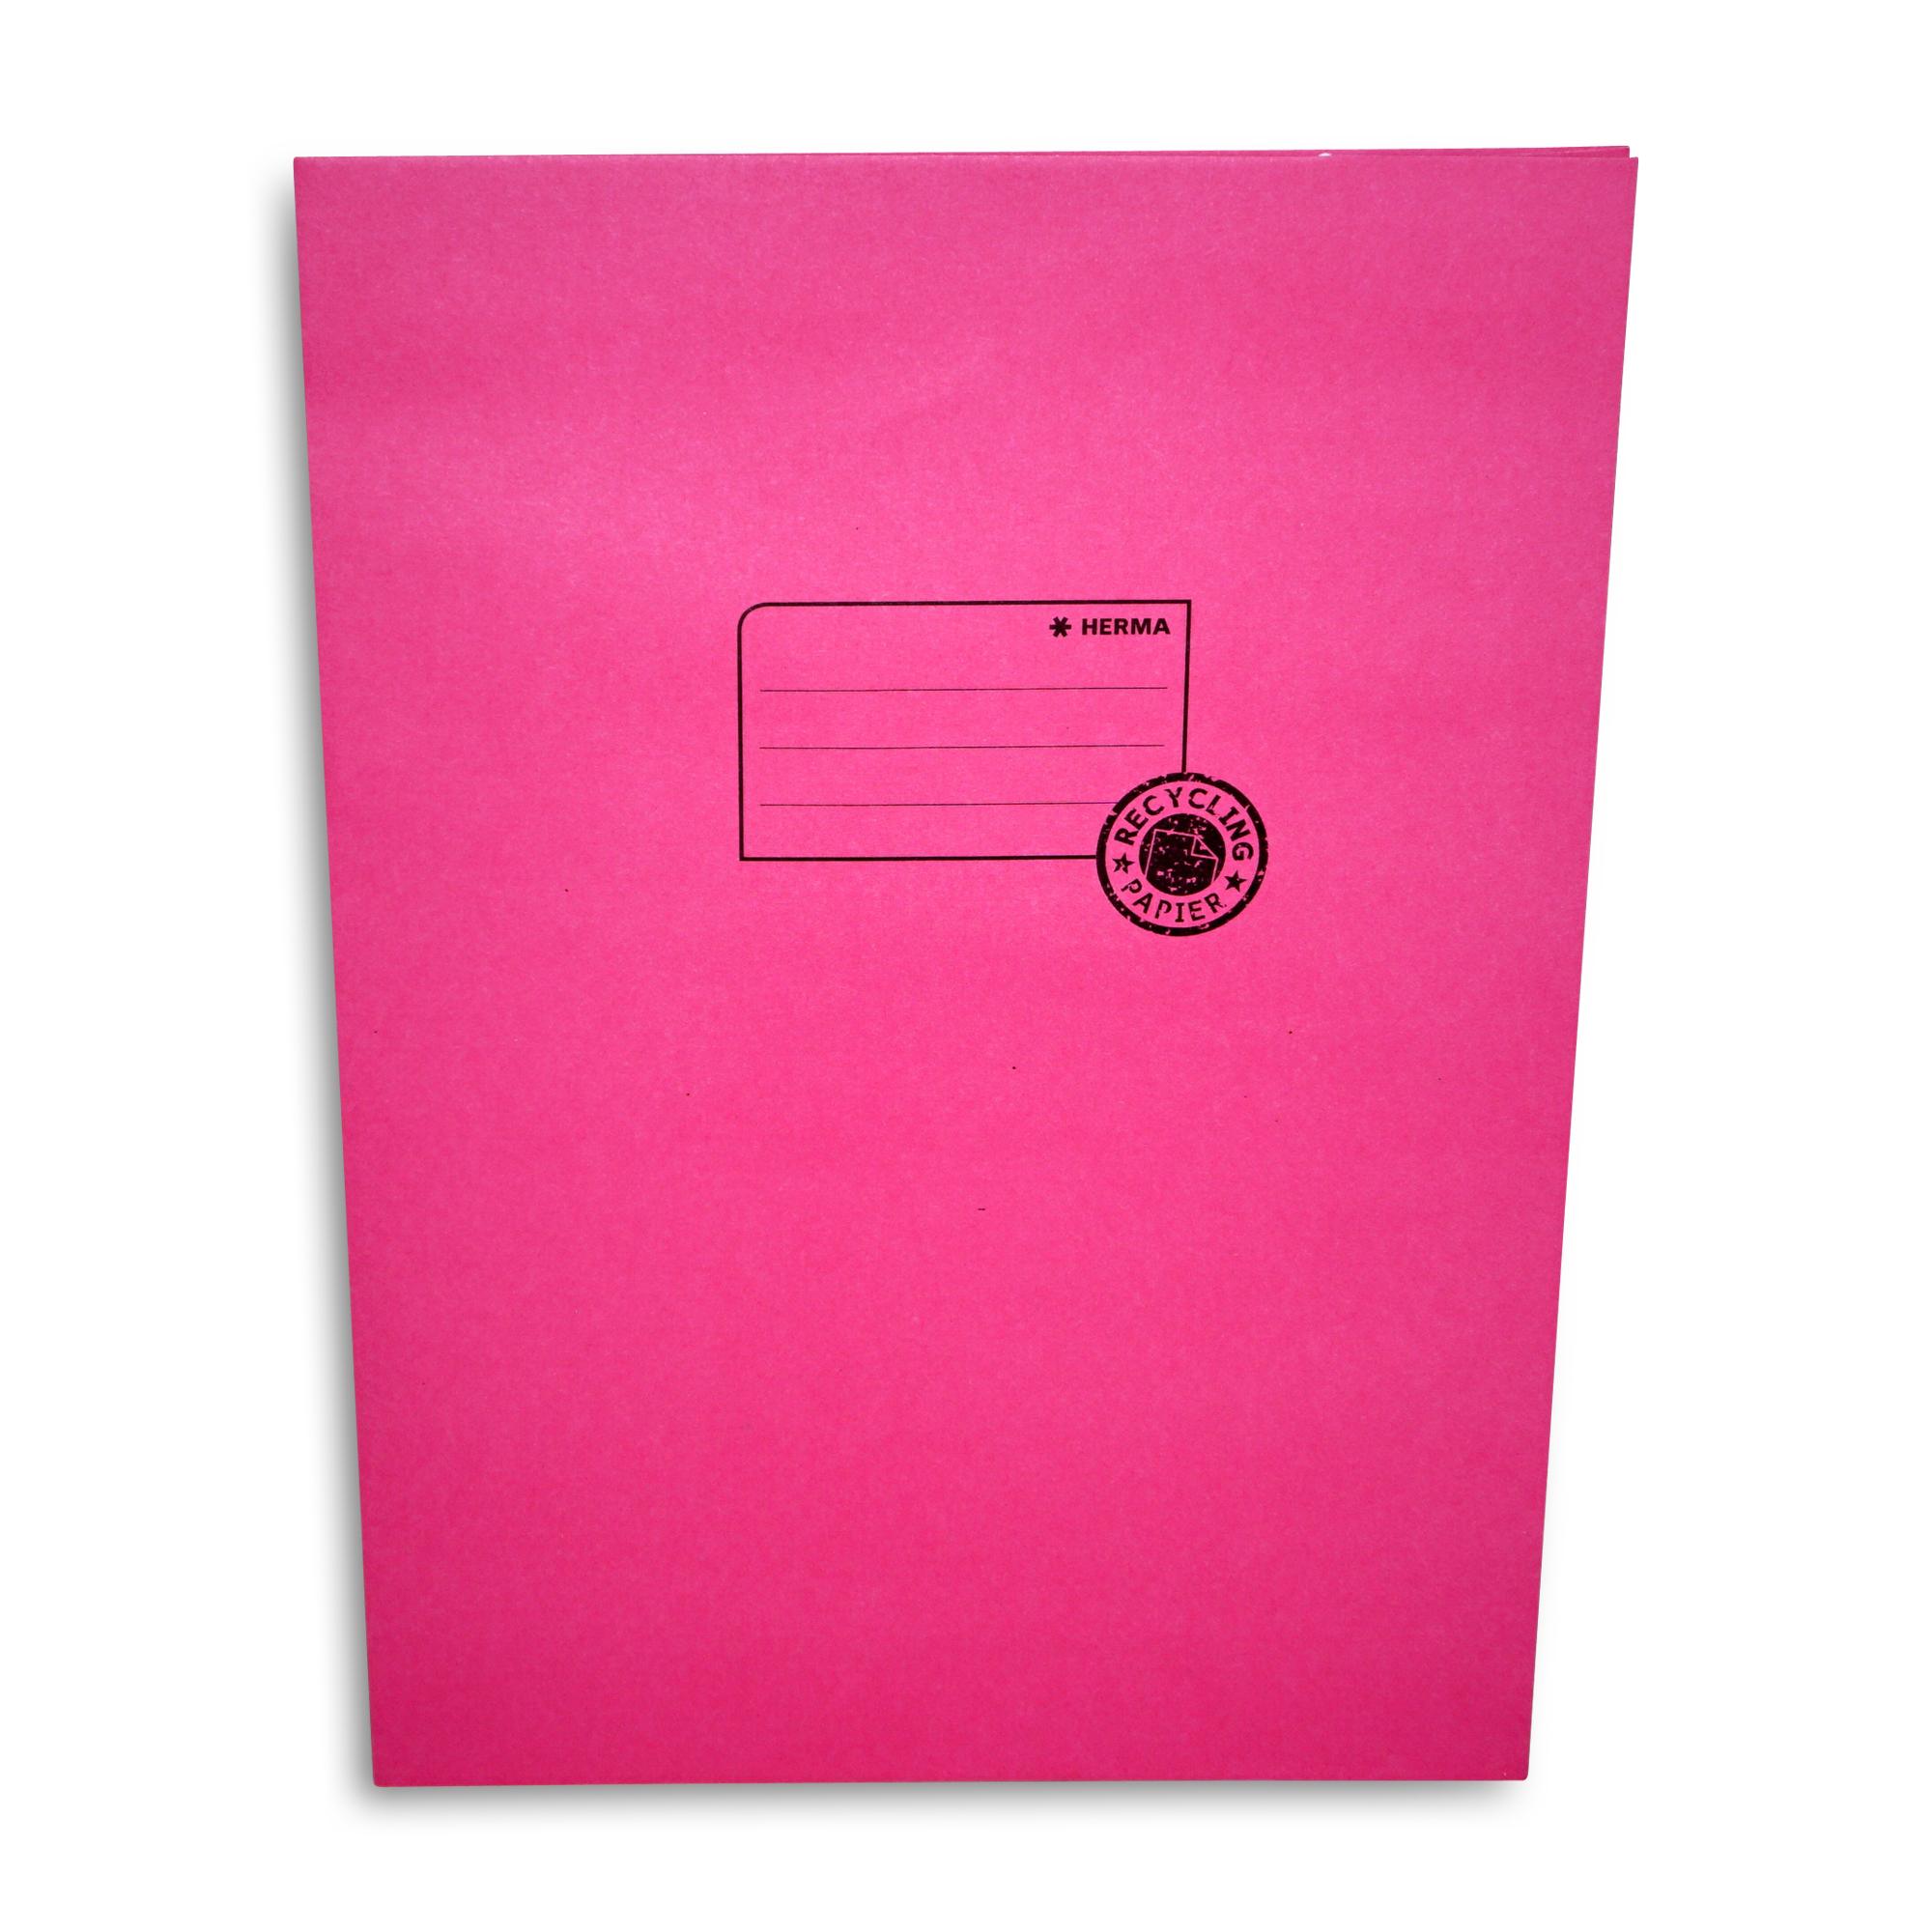 Herma  Heftschoner aus Recyclingpapier